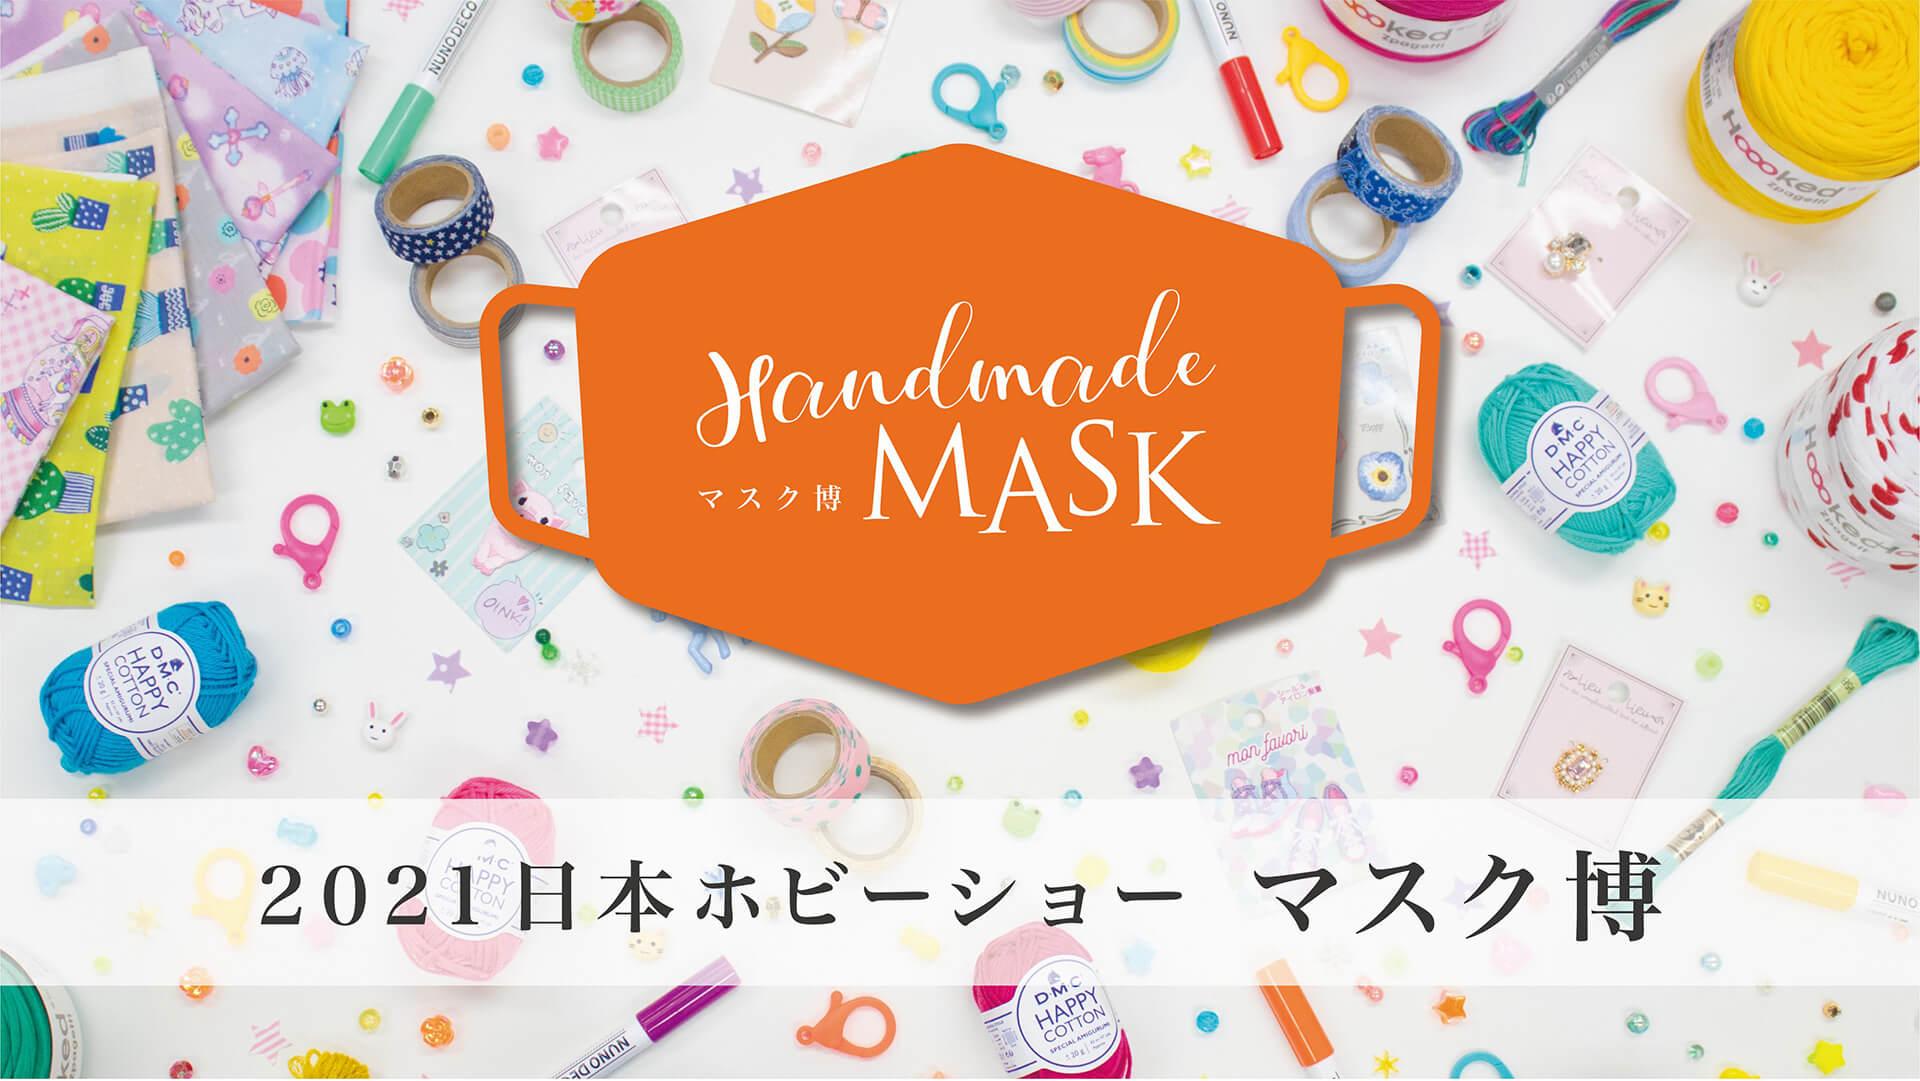 渋谷ロフト「イロイロなマスク!」